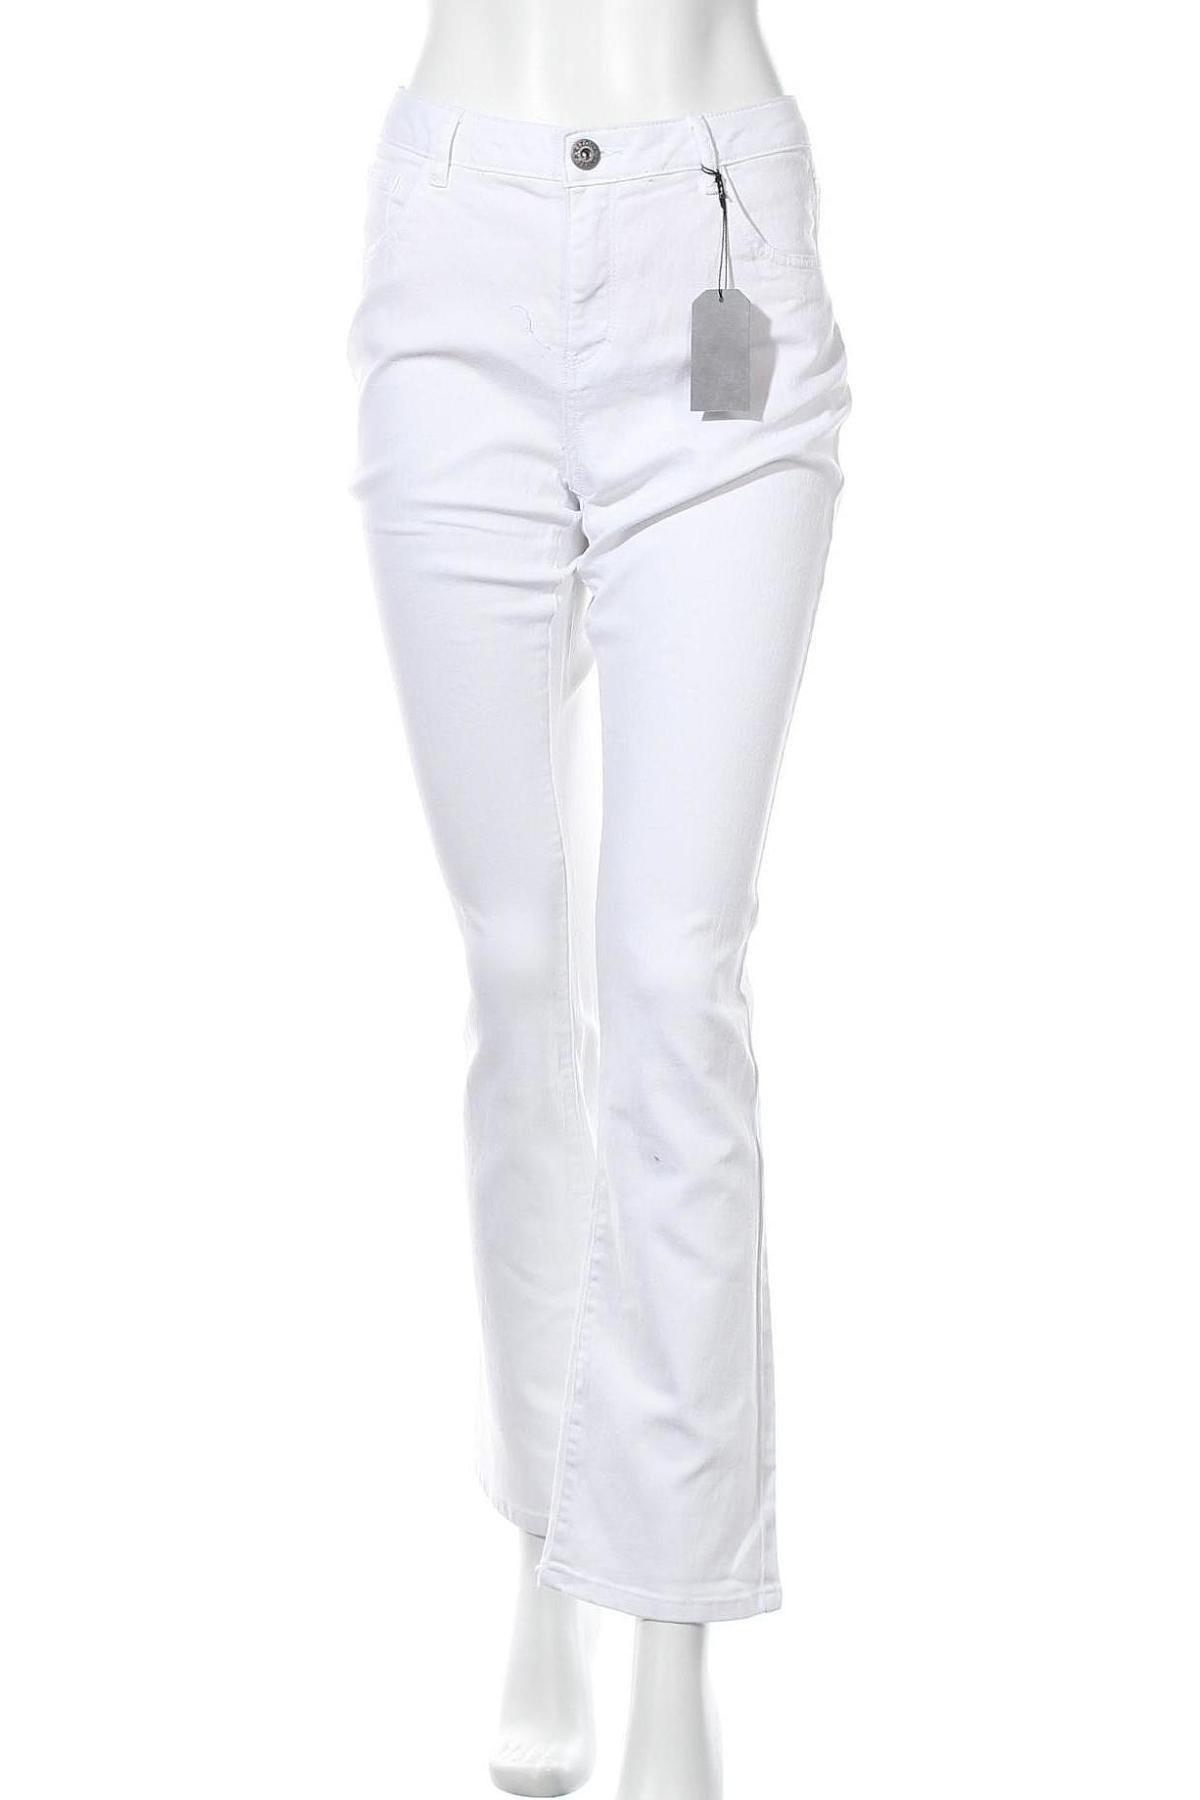 Дамски дънки Arizona, Размер XL, Цвят Бял, 65% памук, 33% полиестер, 2% еластан, Цена 39,50лв.